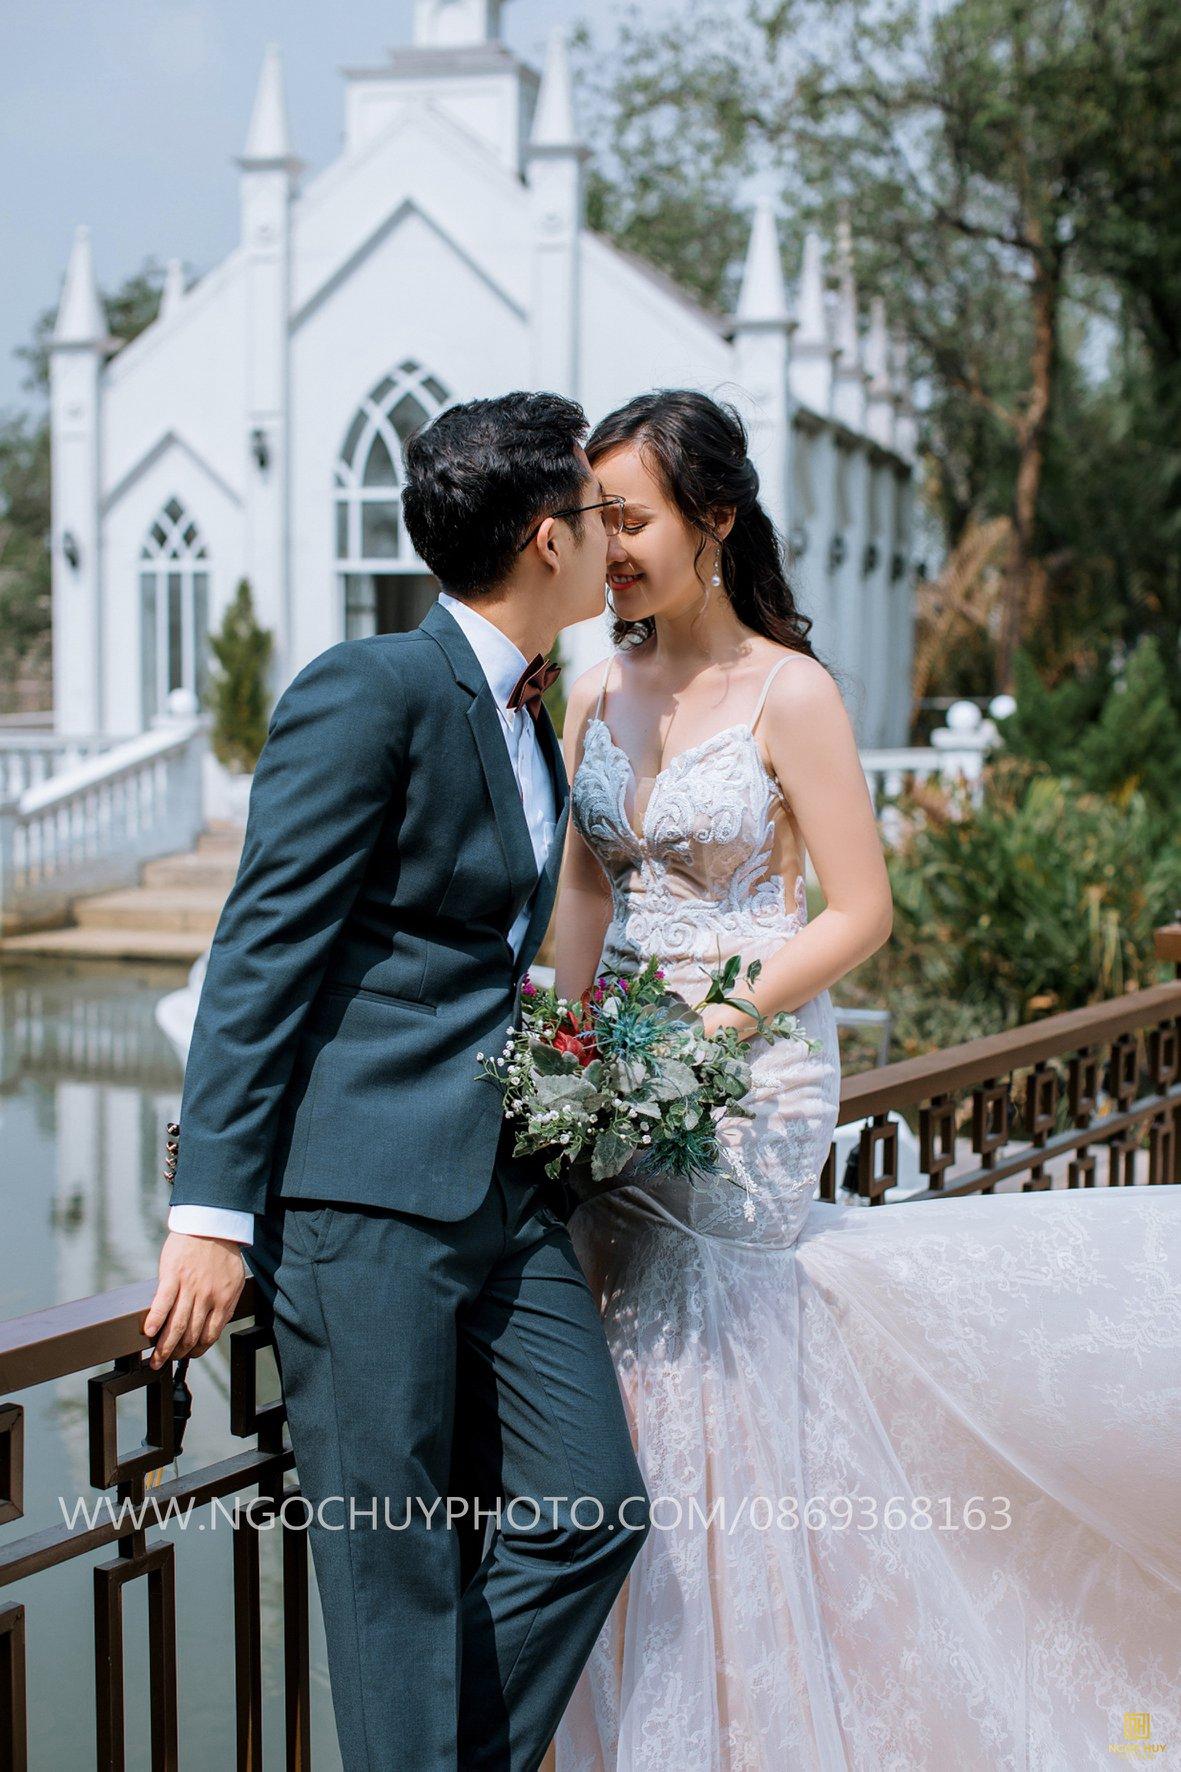 Ảnh cưới phim trường Ngọc Huy Studio 8